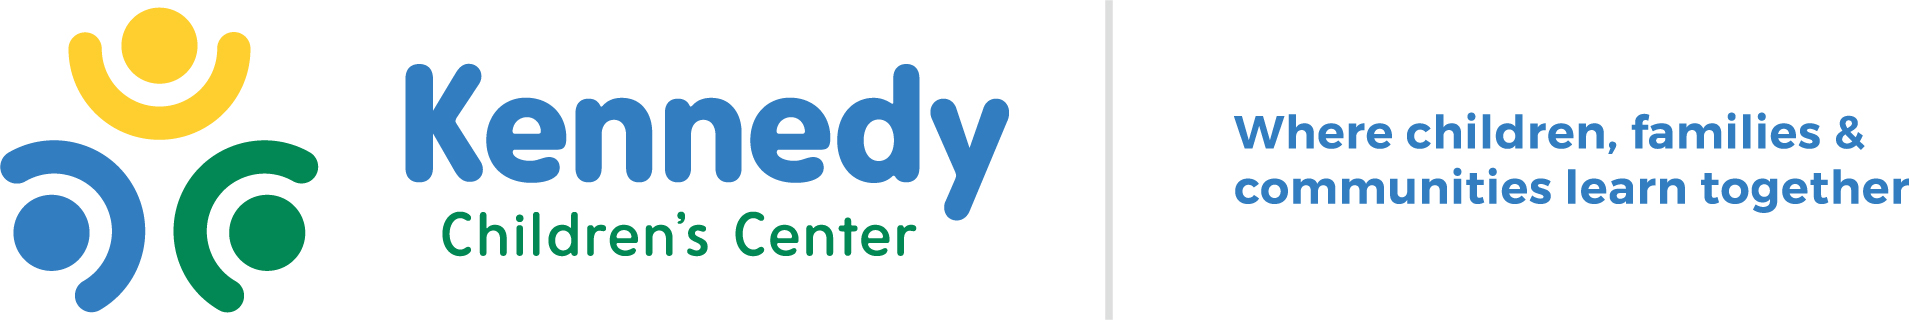 Kennedy Logo w Tagline - JPEG.jpg